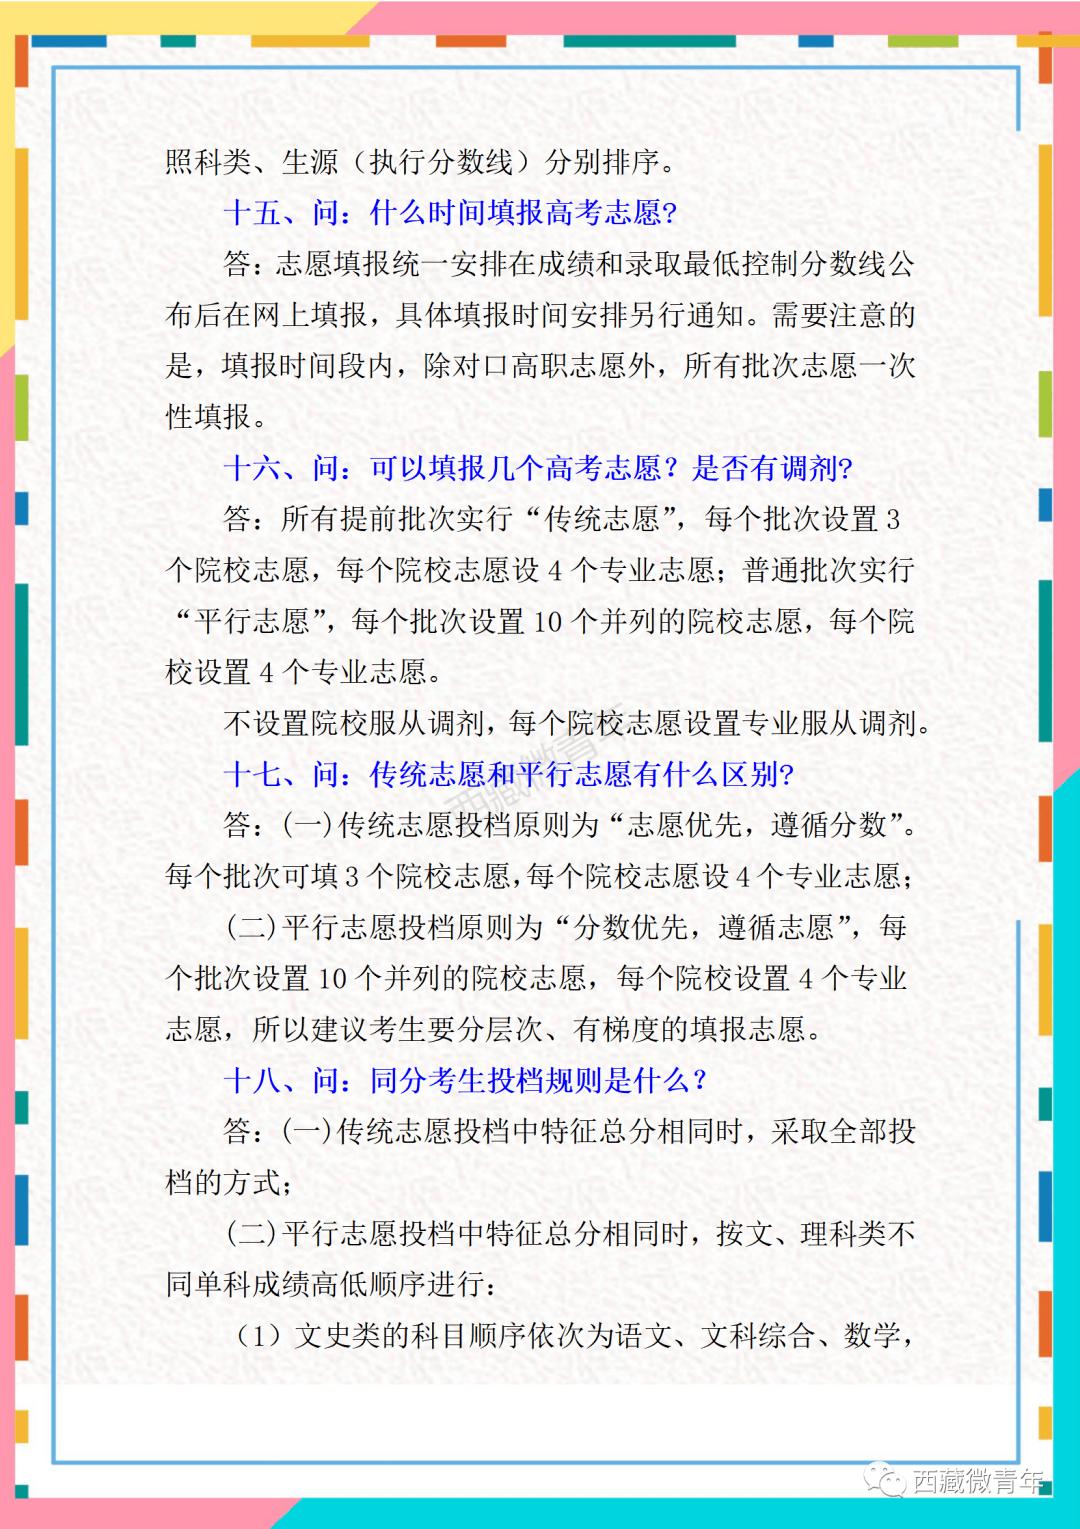 2021在西藏高考582分理科能上一本吗 西藏高考582分能考上什么学校